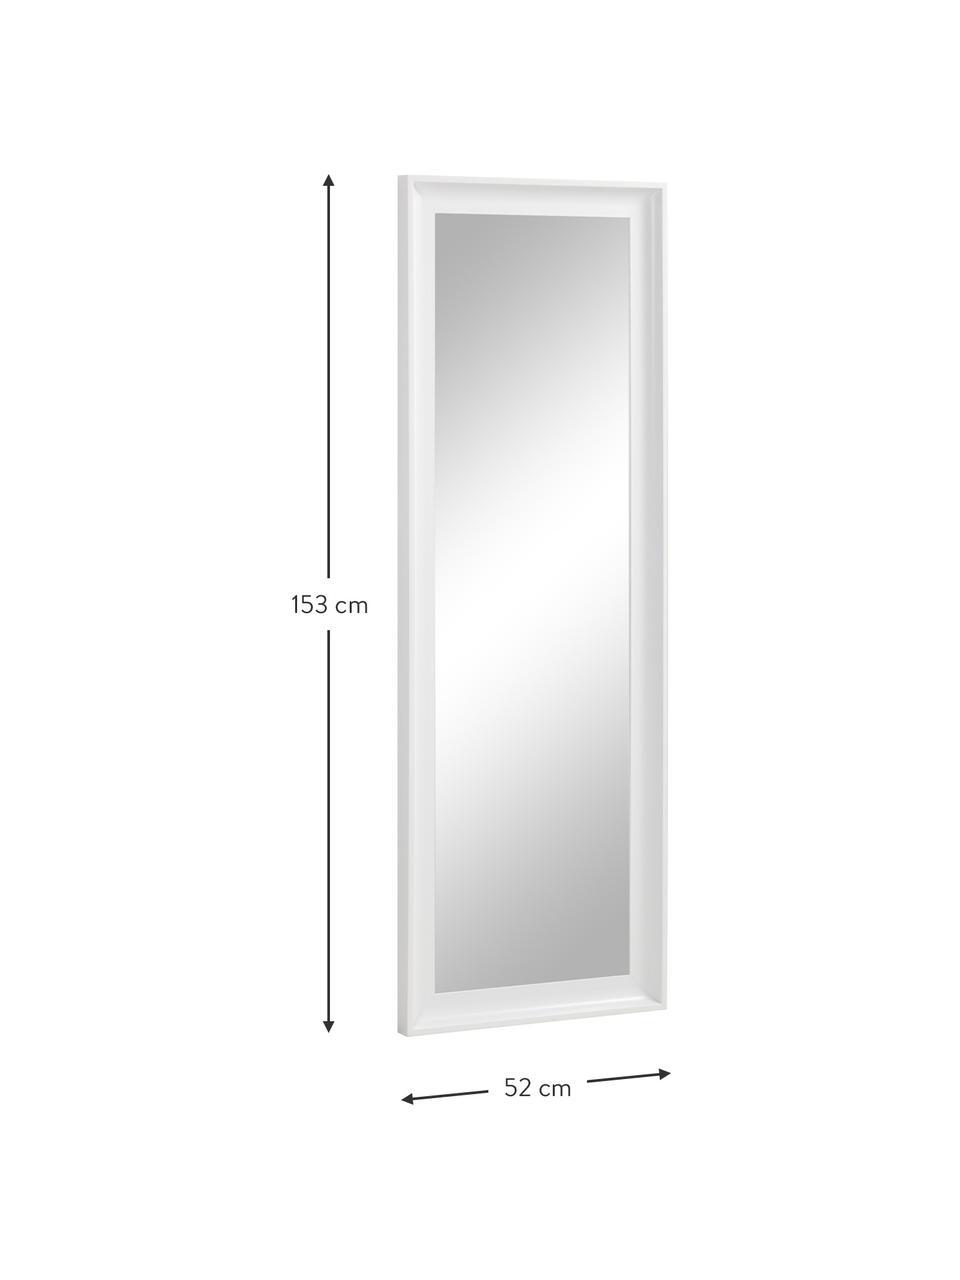 Specchio da parete con cornice in legno Romila, Cornice: legno, Superficie dello specchio: lastra di vetro, Bianco, Larg. 52 x Alt. 153 cm